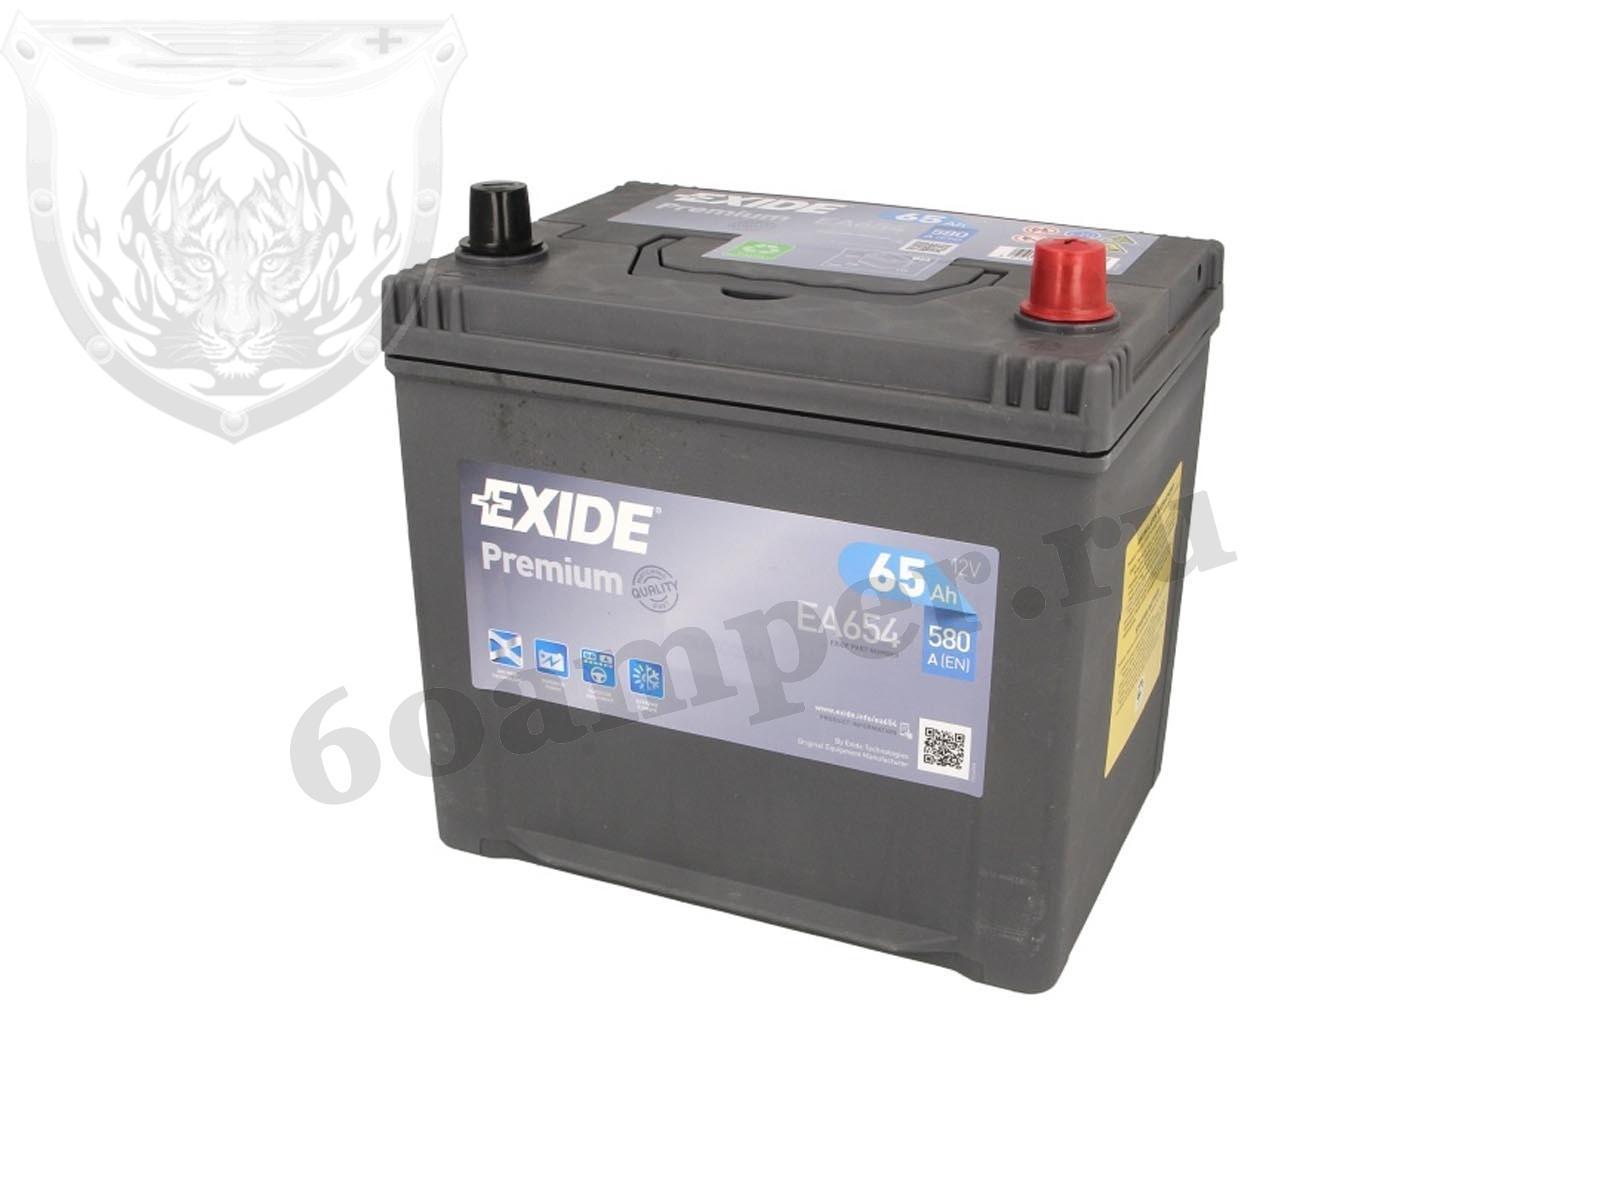 EXIDE 65 А/ч Обратный Азия EA654